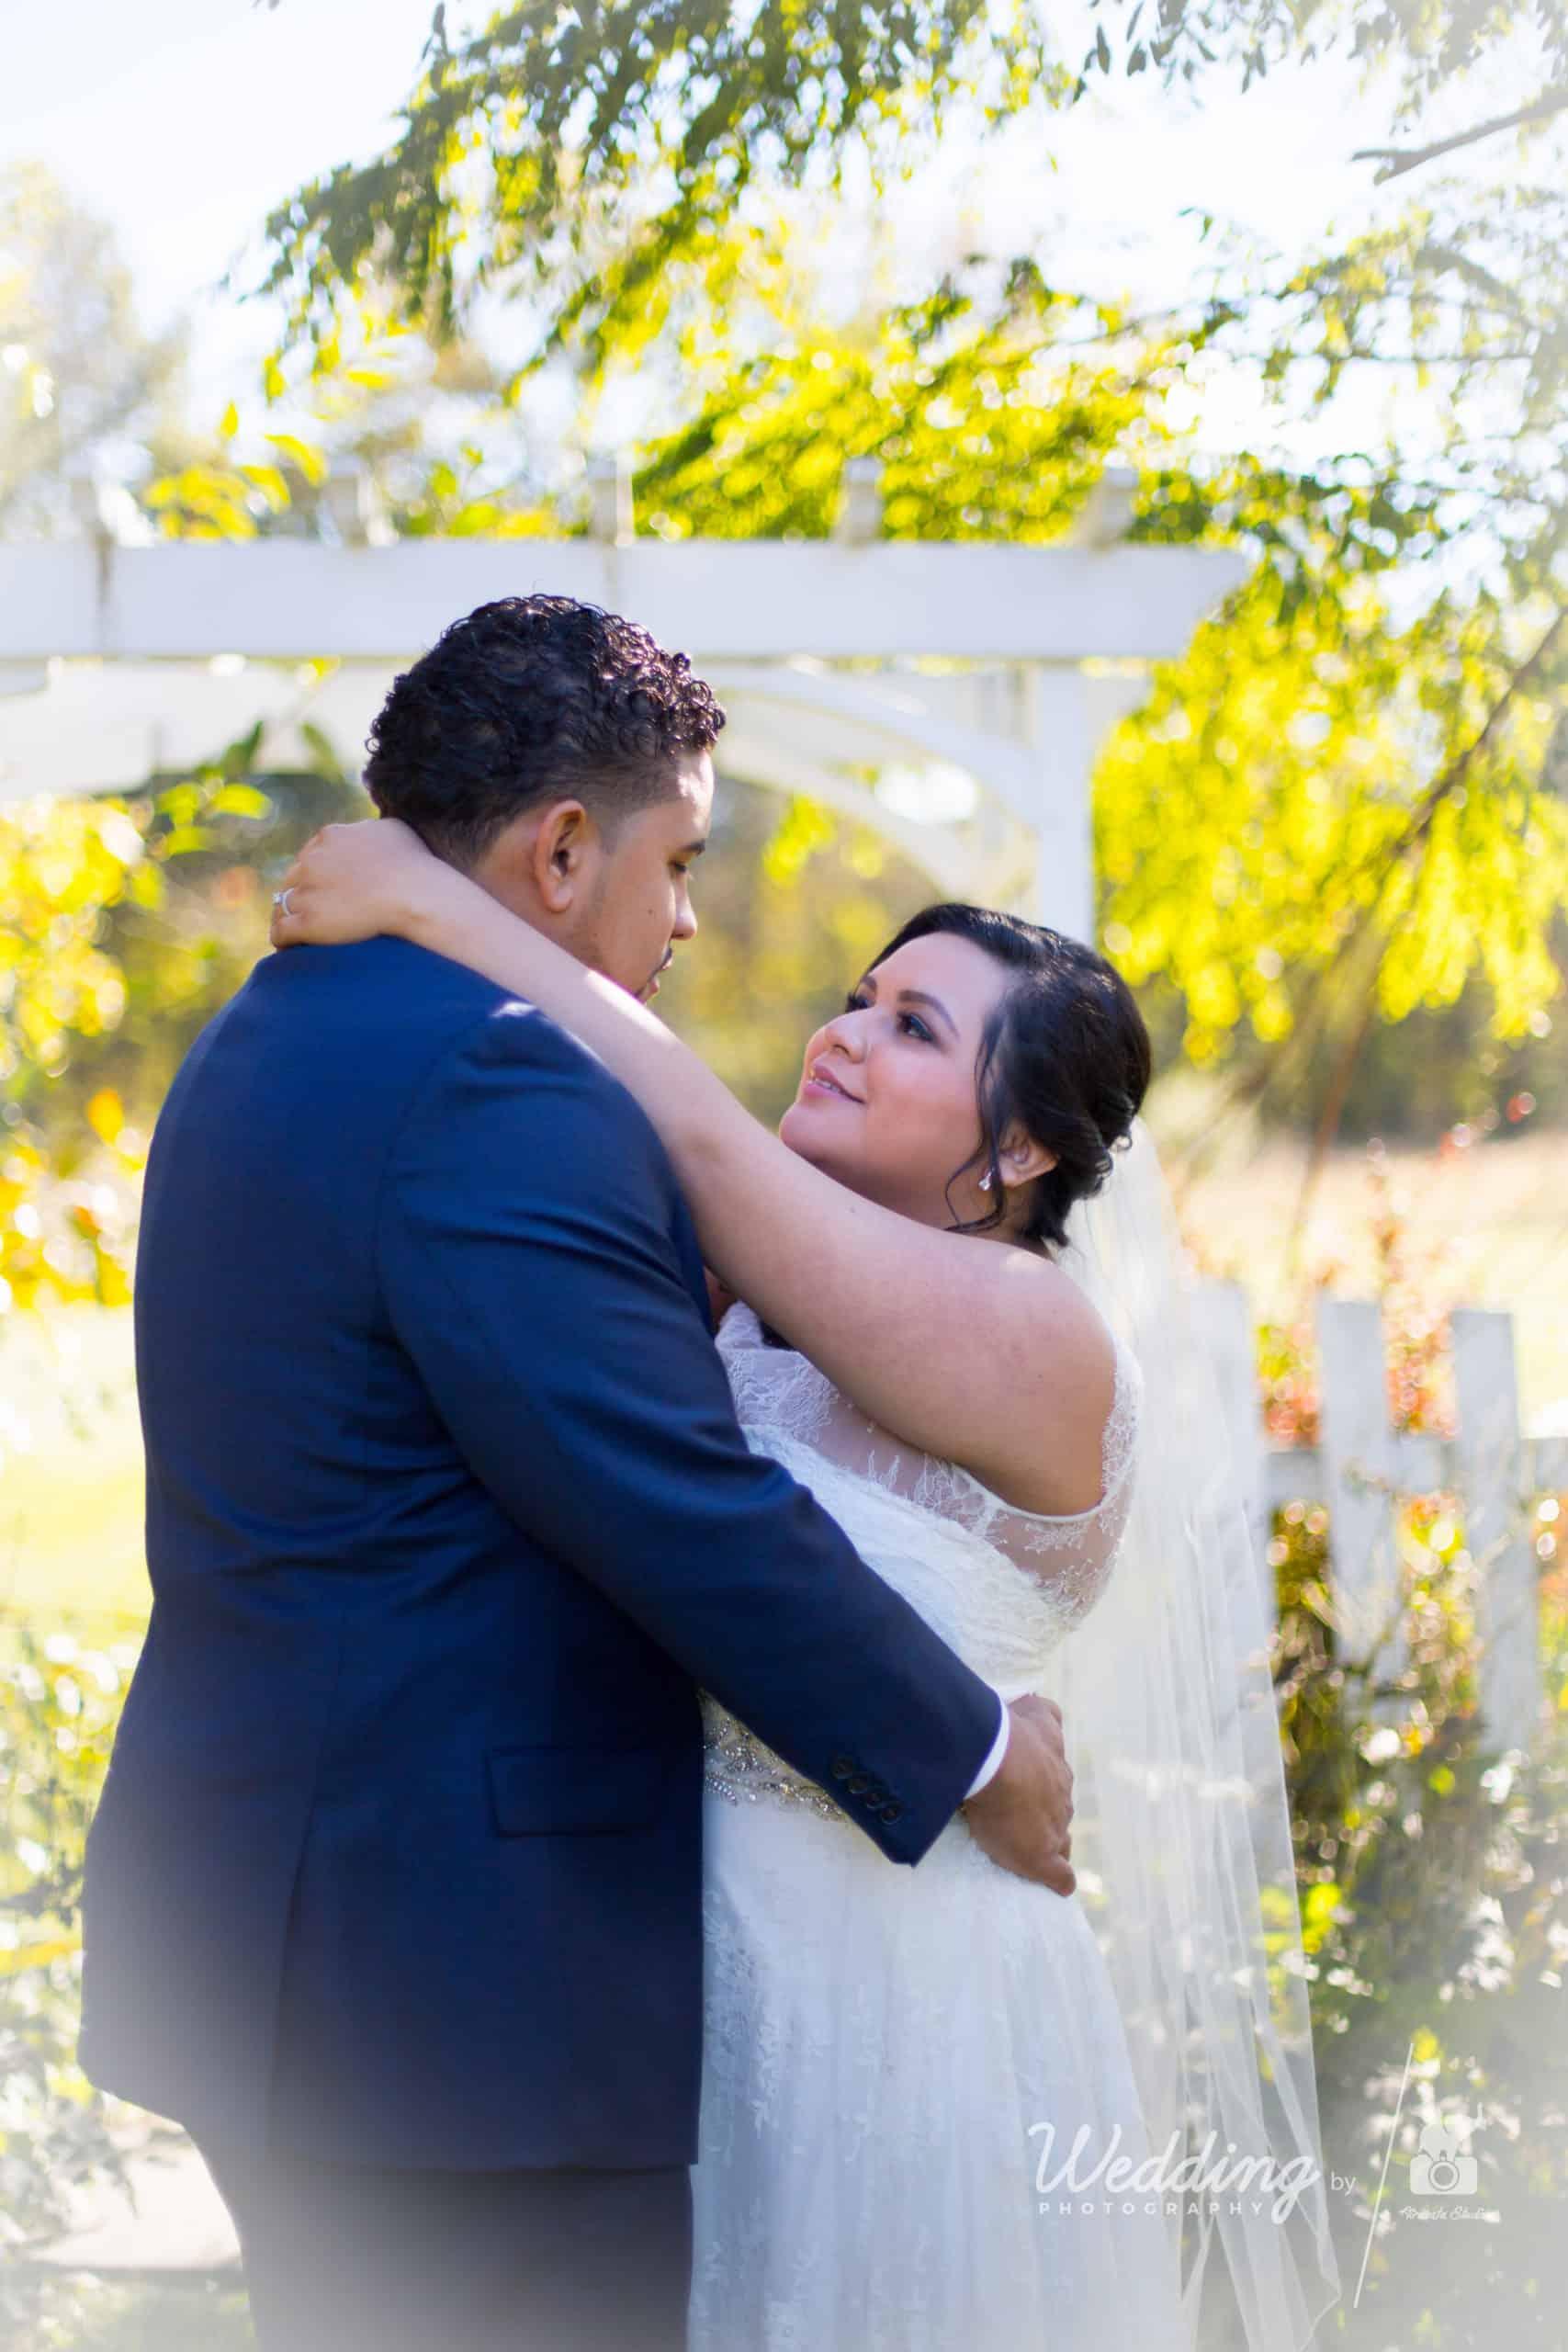 Ann Arbor Wedding Photography27